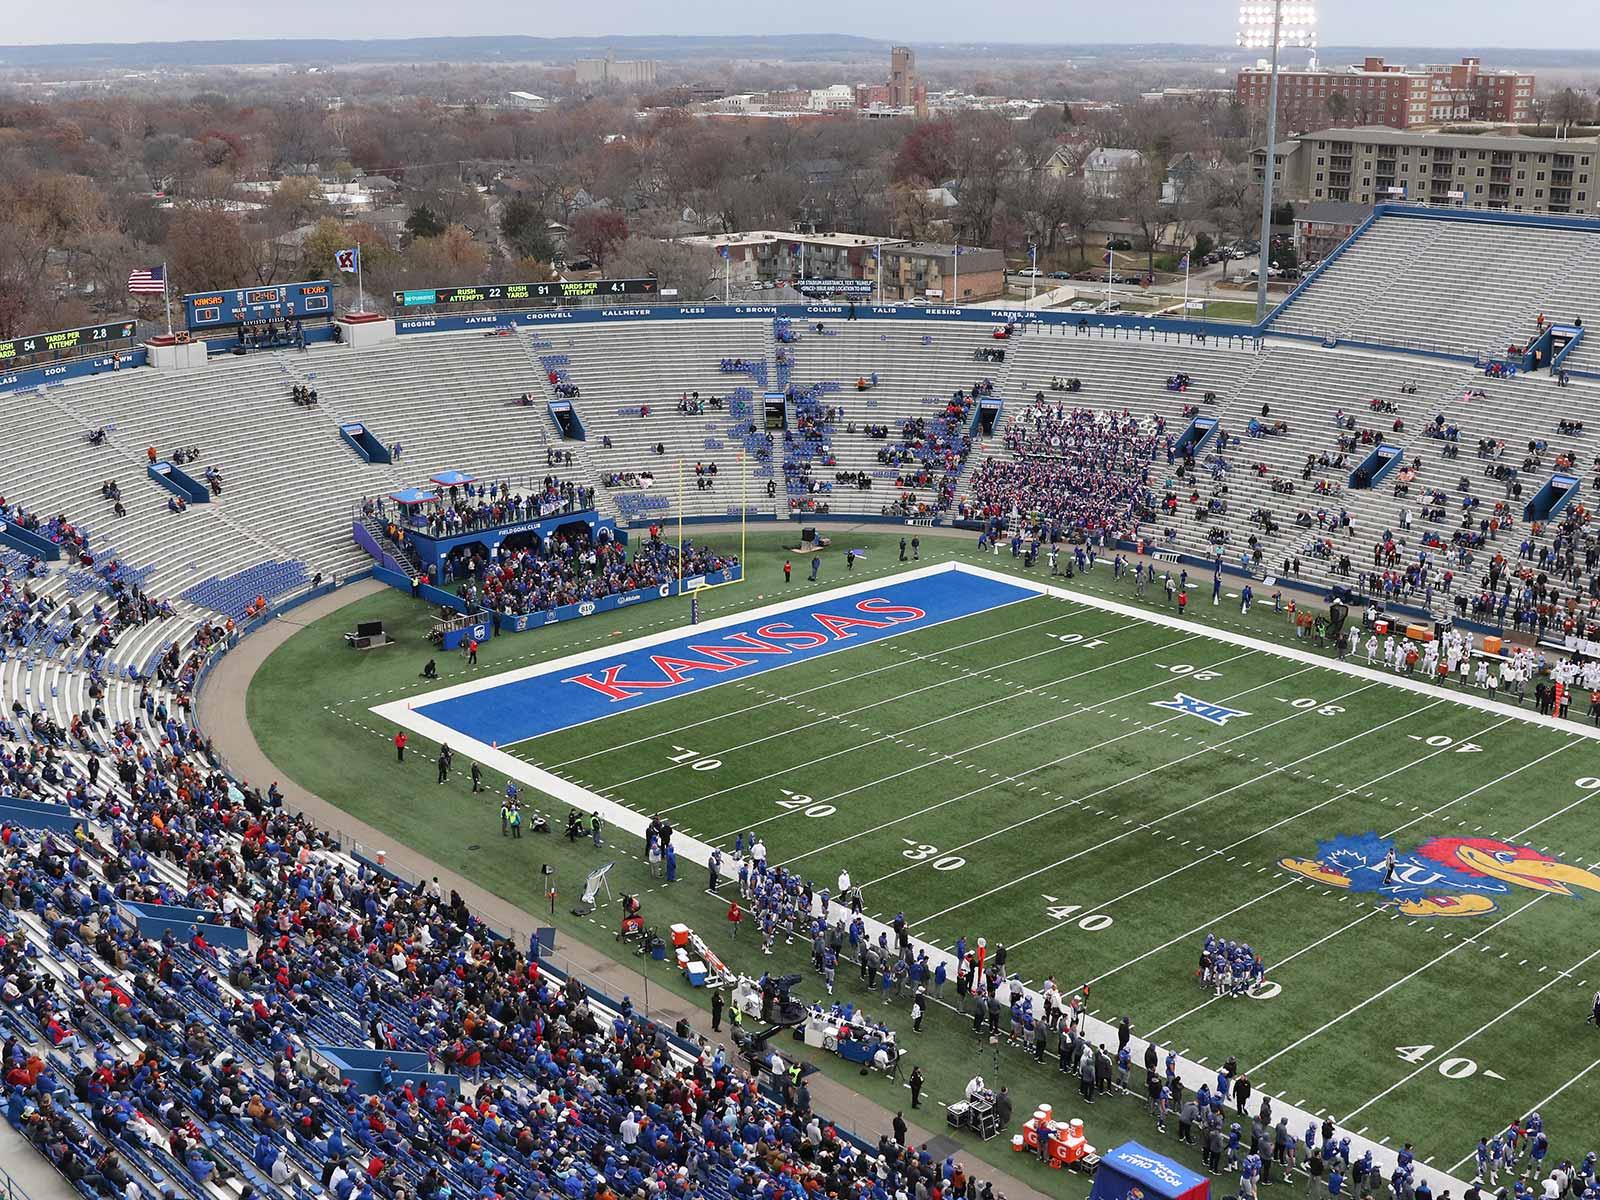 Les Miles Vs Kansas Football The Power 5 S Toughest Job Si Com